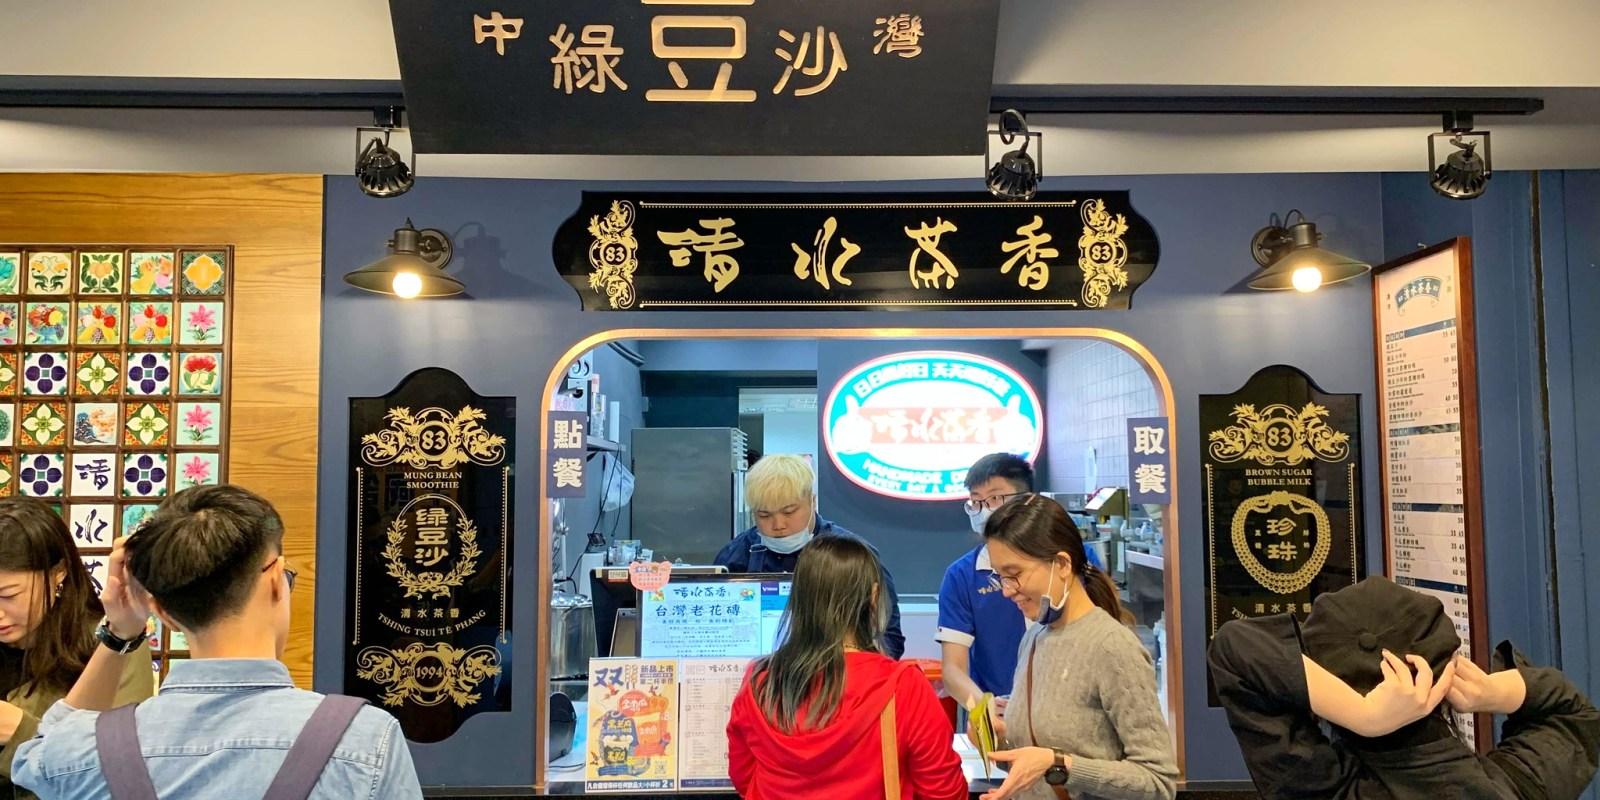 清水茶香的2021年菜單、優惠、最新品項和分店介紹(2月更新)